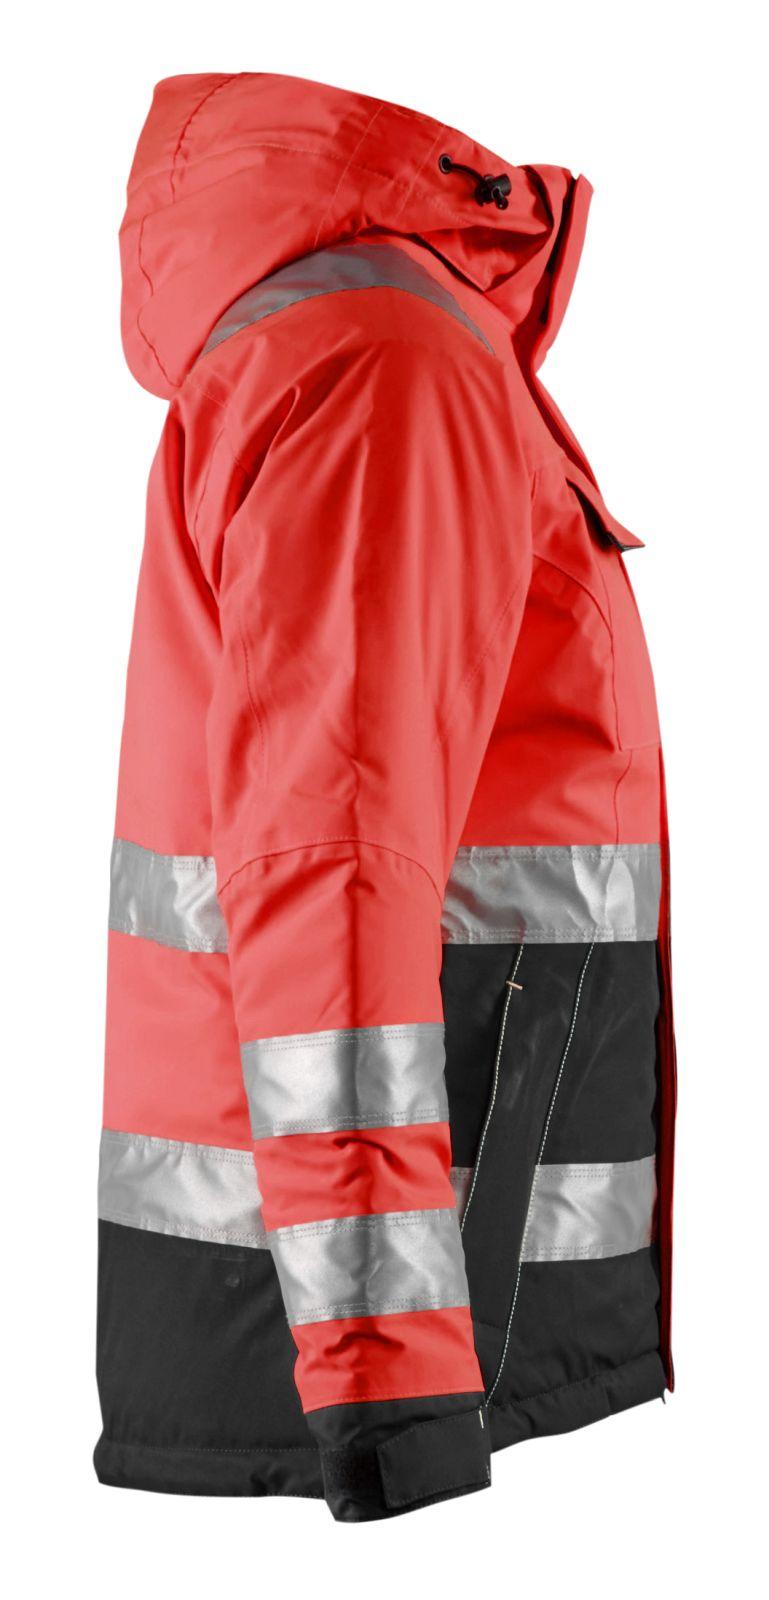 Blaklader Jassen 48721987 High Vis fluo rood-zwart(5599)